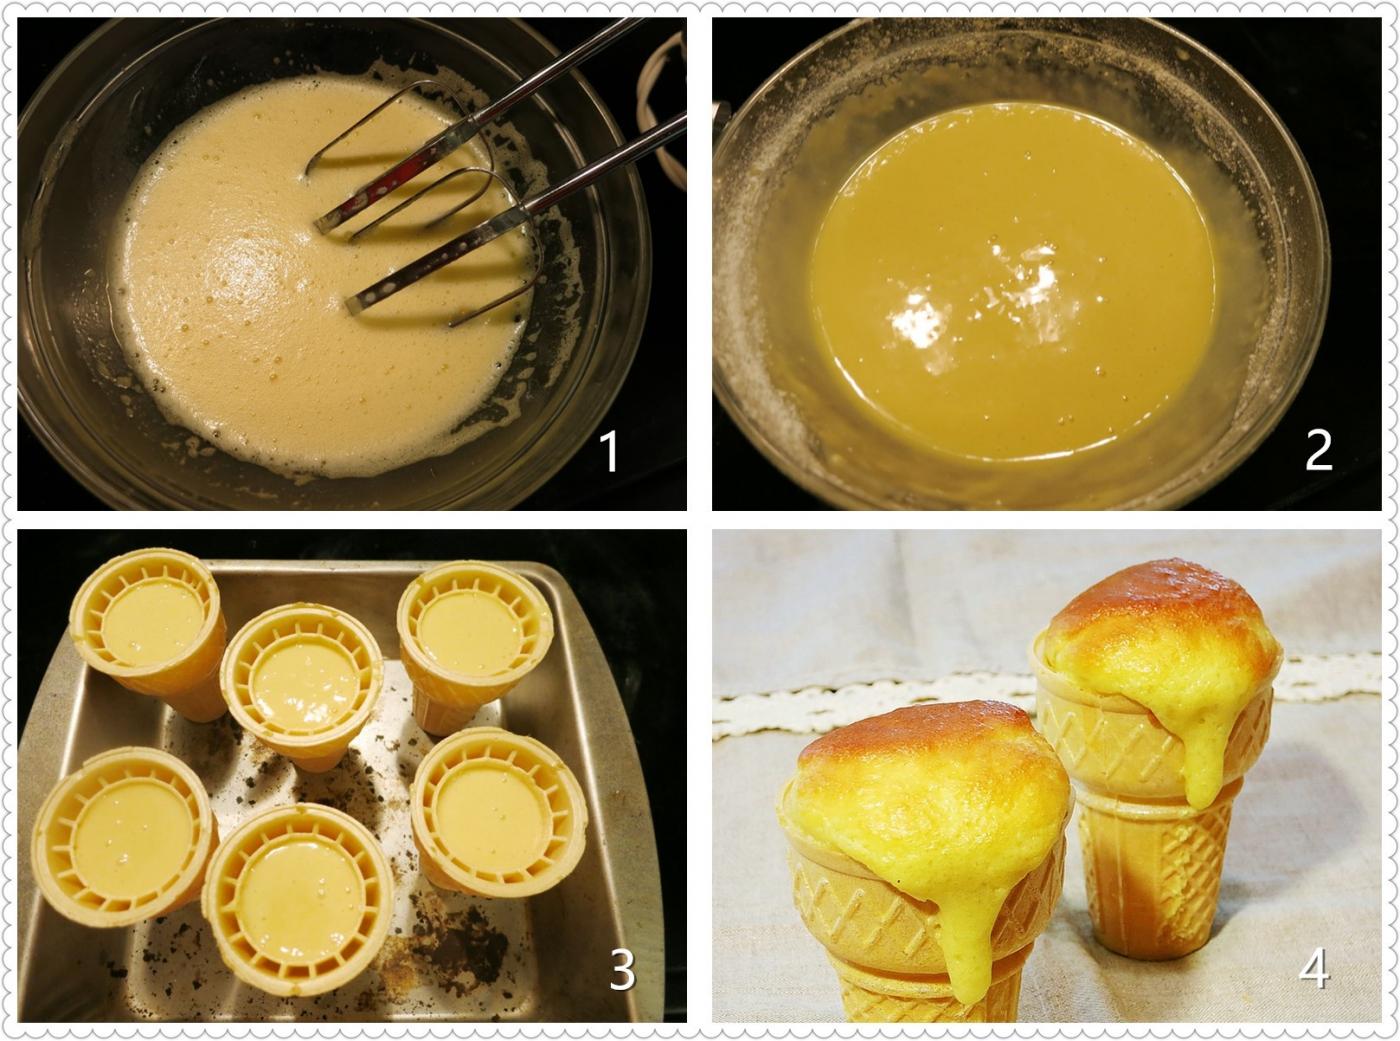 雪糕筒蛋糕_图1-2